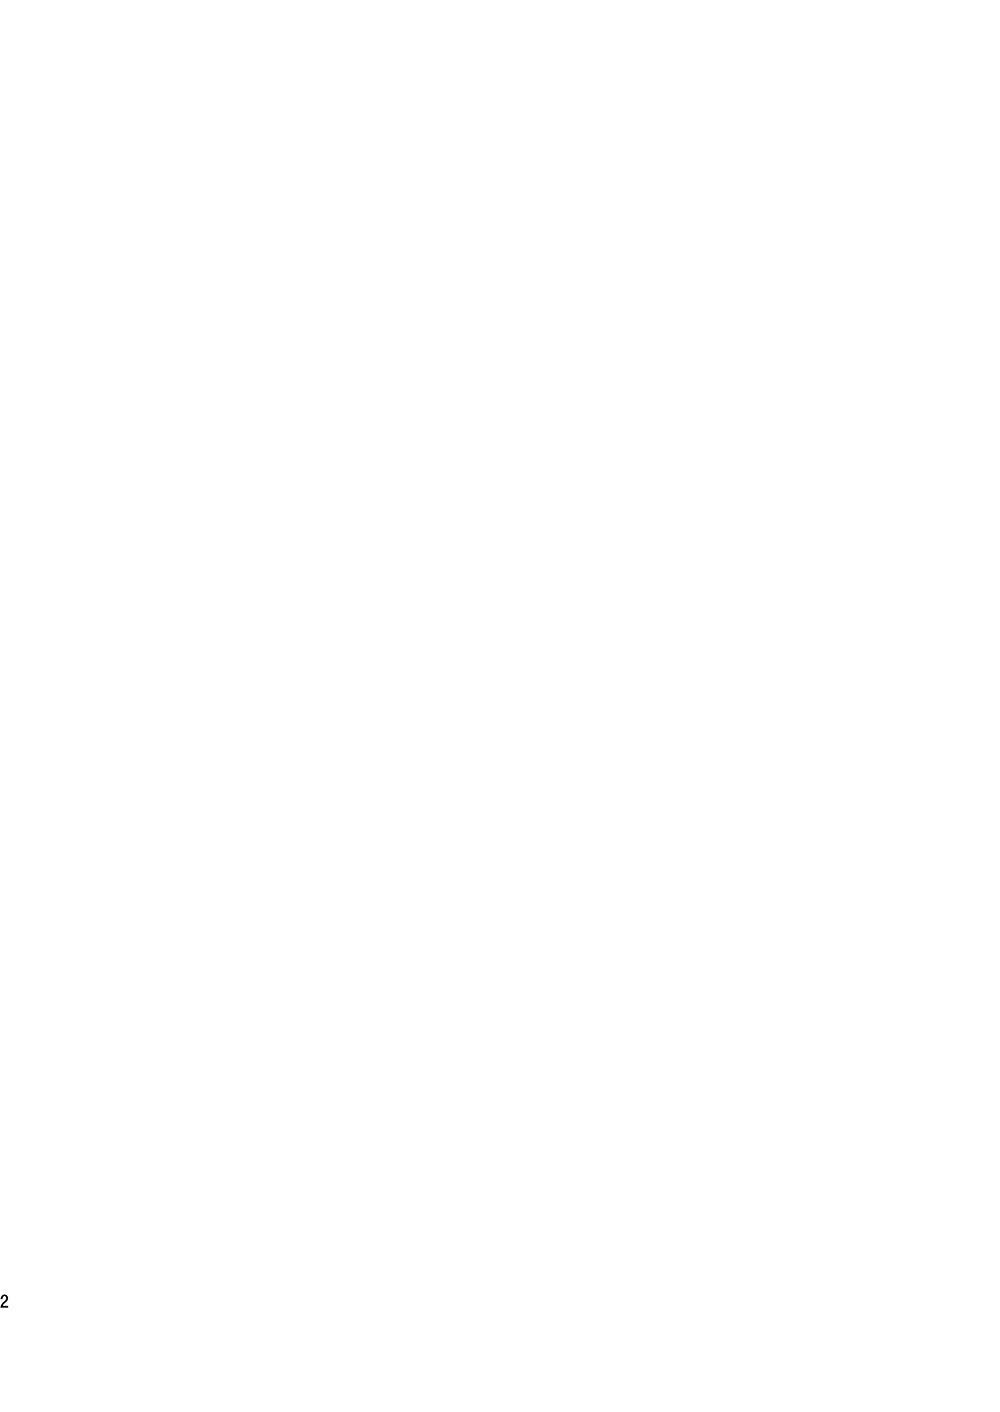 Gekkan Shounen Zoom 2020-12 1